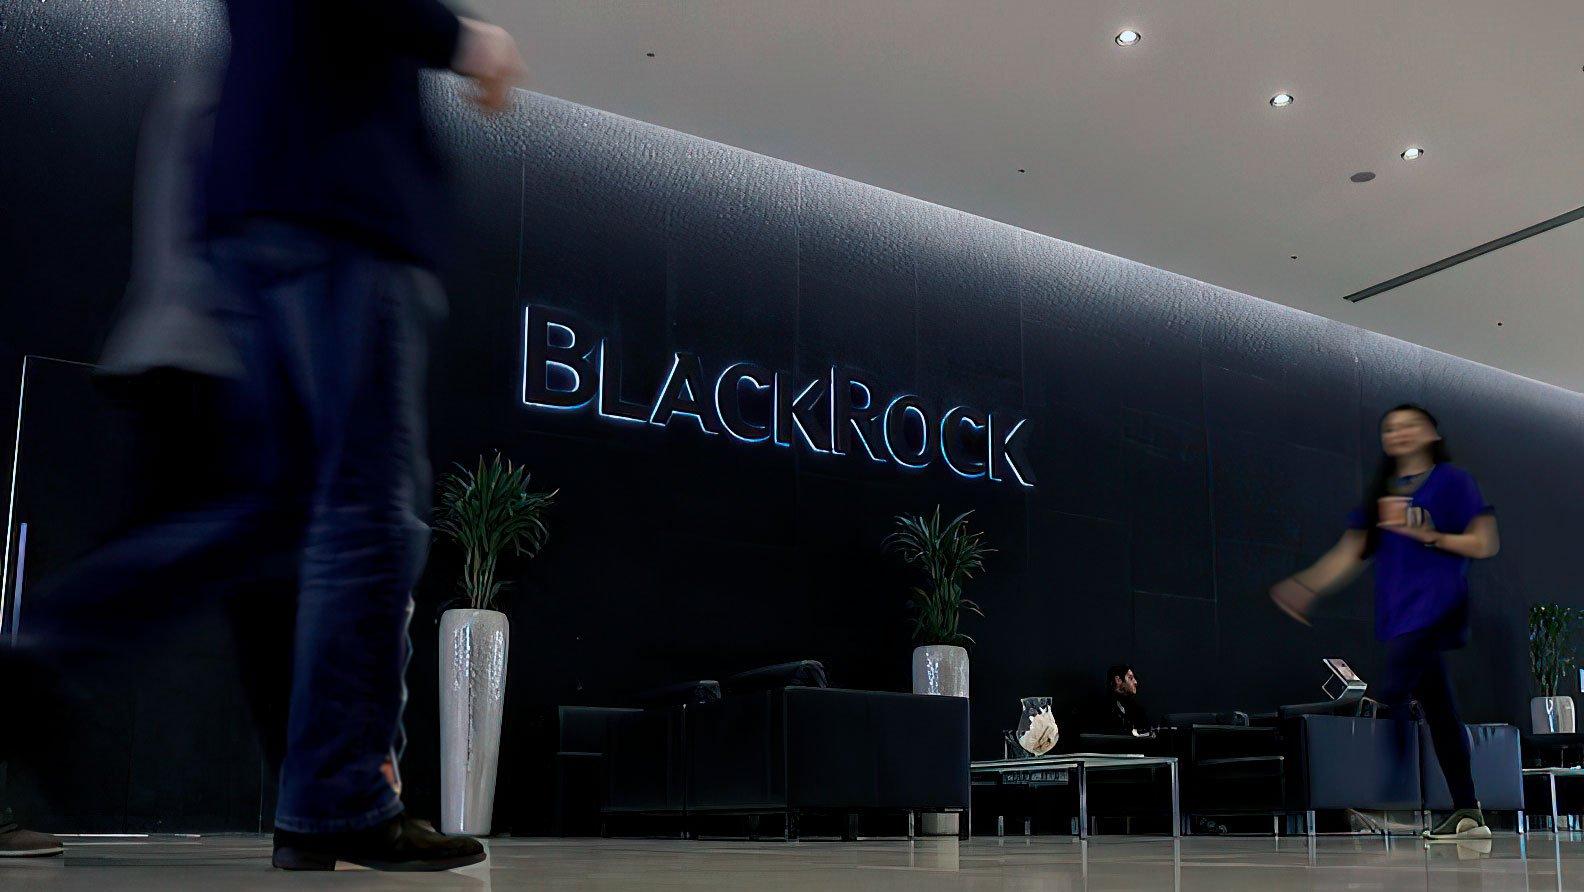 Глава Blackrock назвал биткоин непроверенным активом с небольшим рынком